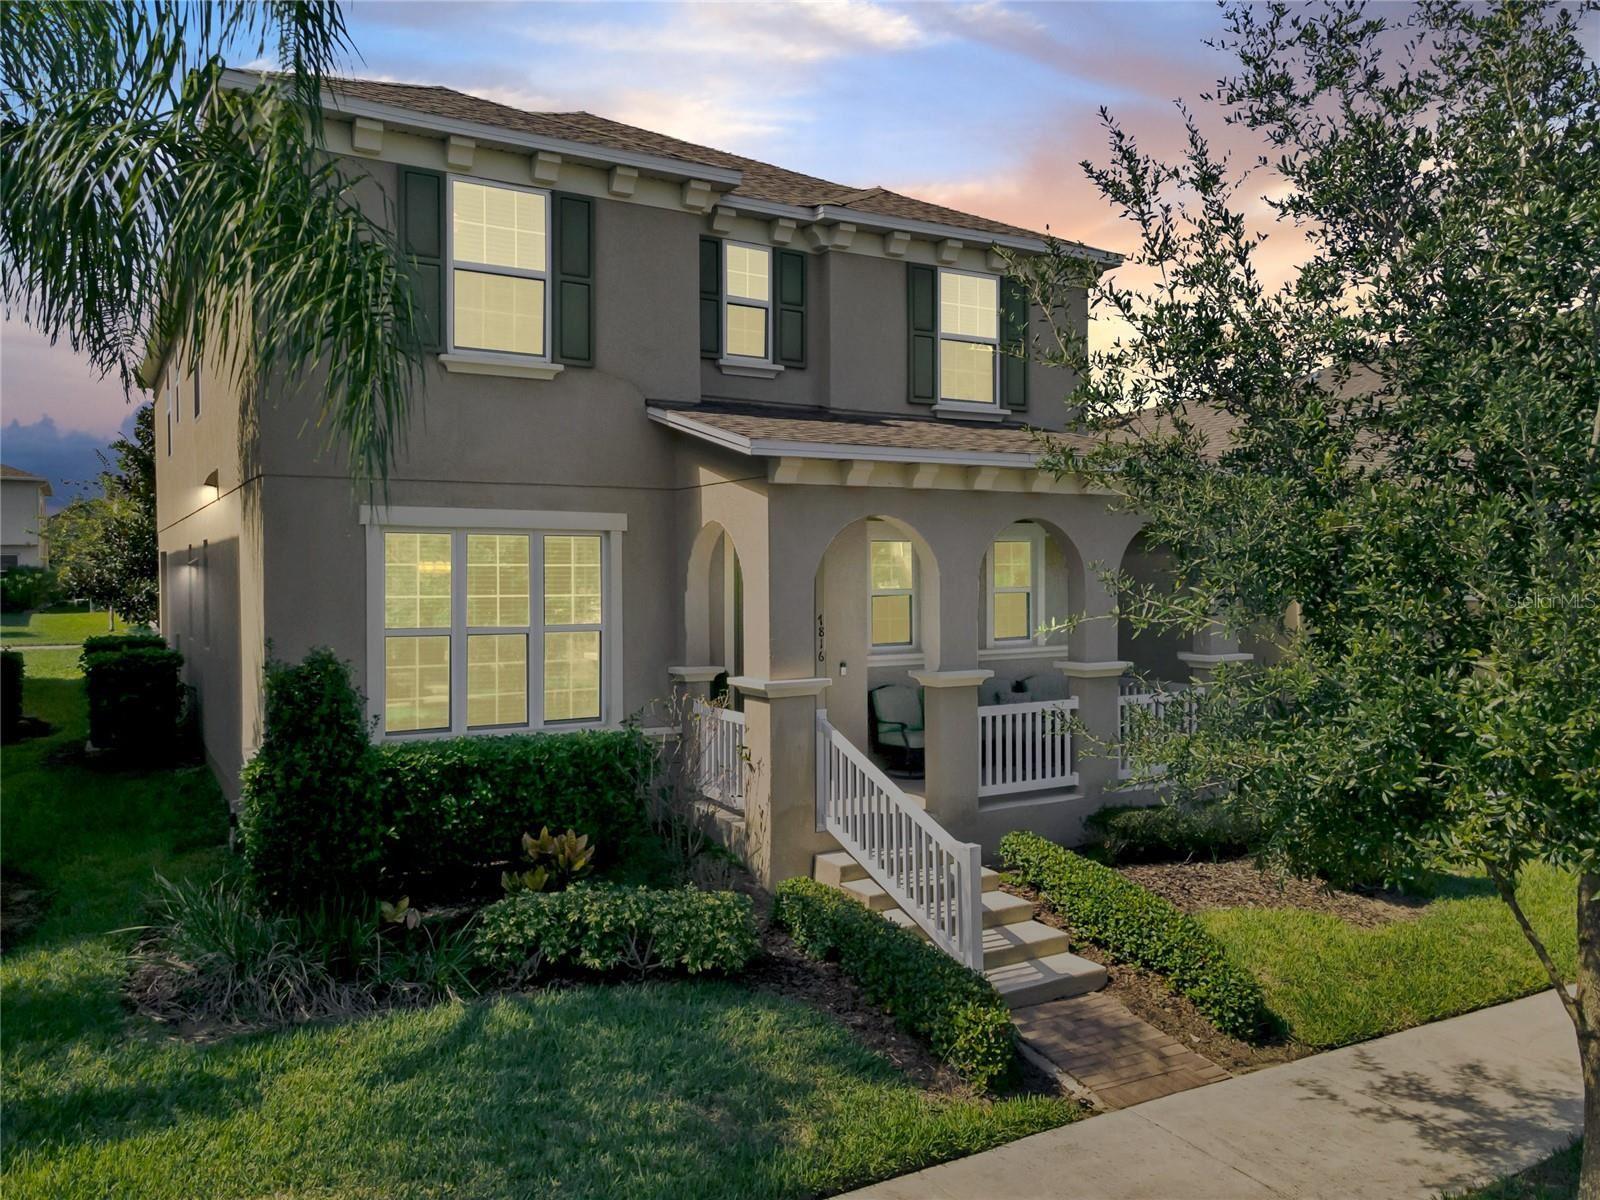 7816 WINTER WREN STREET, Winter Garden, FL 34787 - #: O5980979